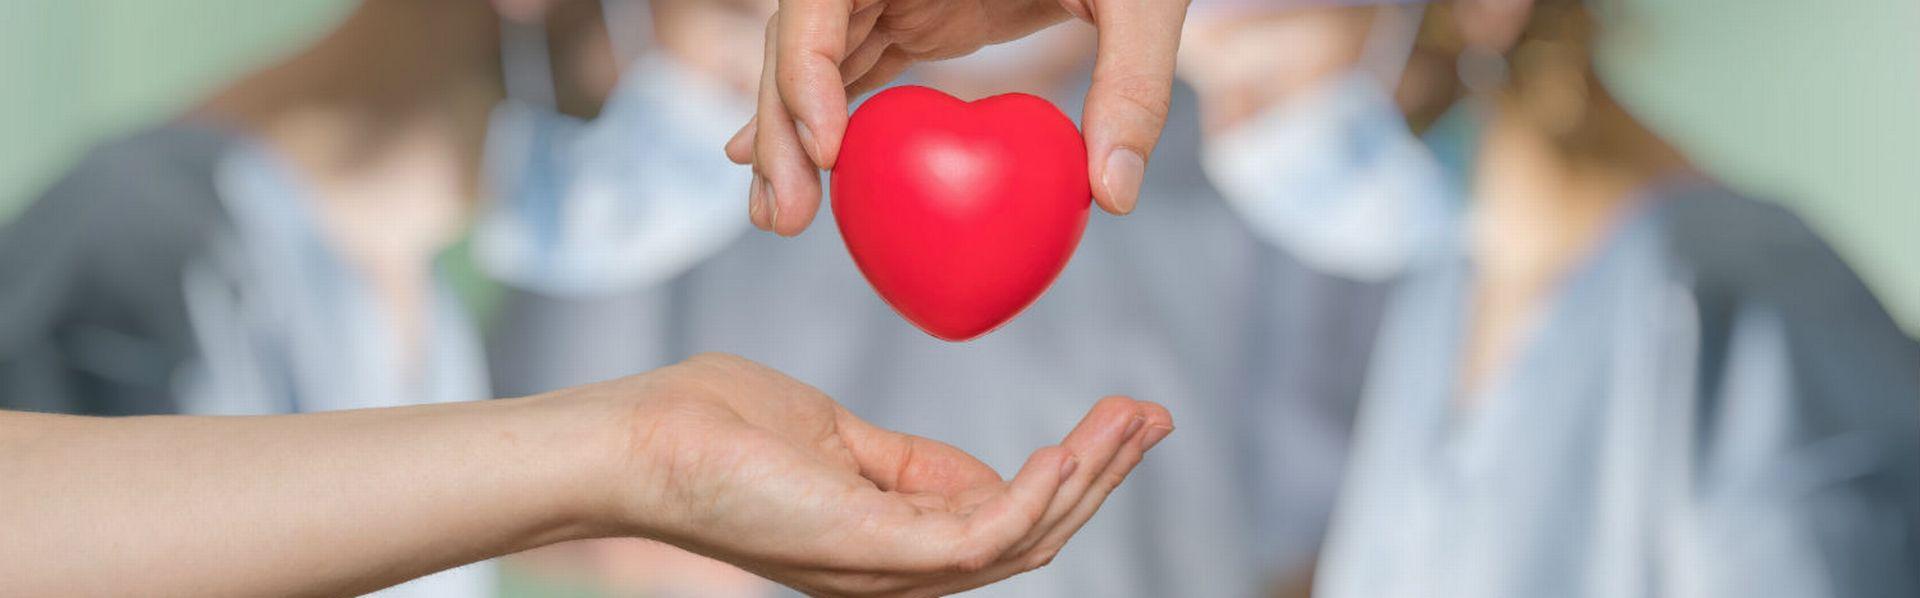 Le dossier sur le don d'organe de RTS Découverte [© vchalup - Fotolia]